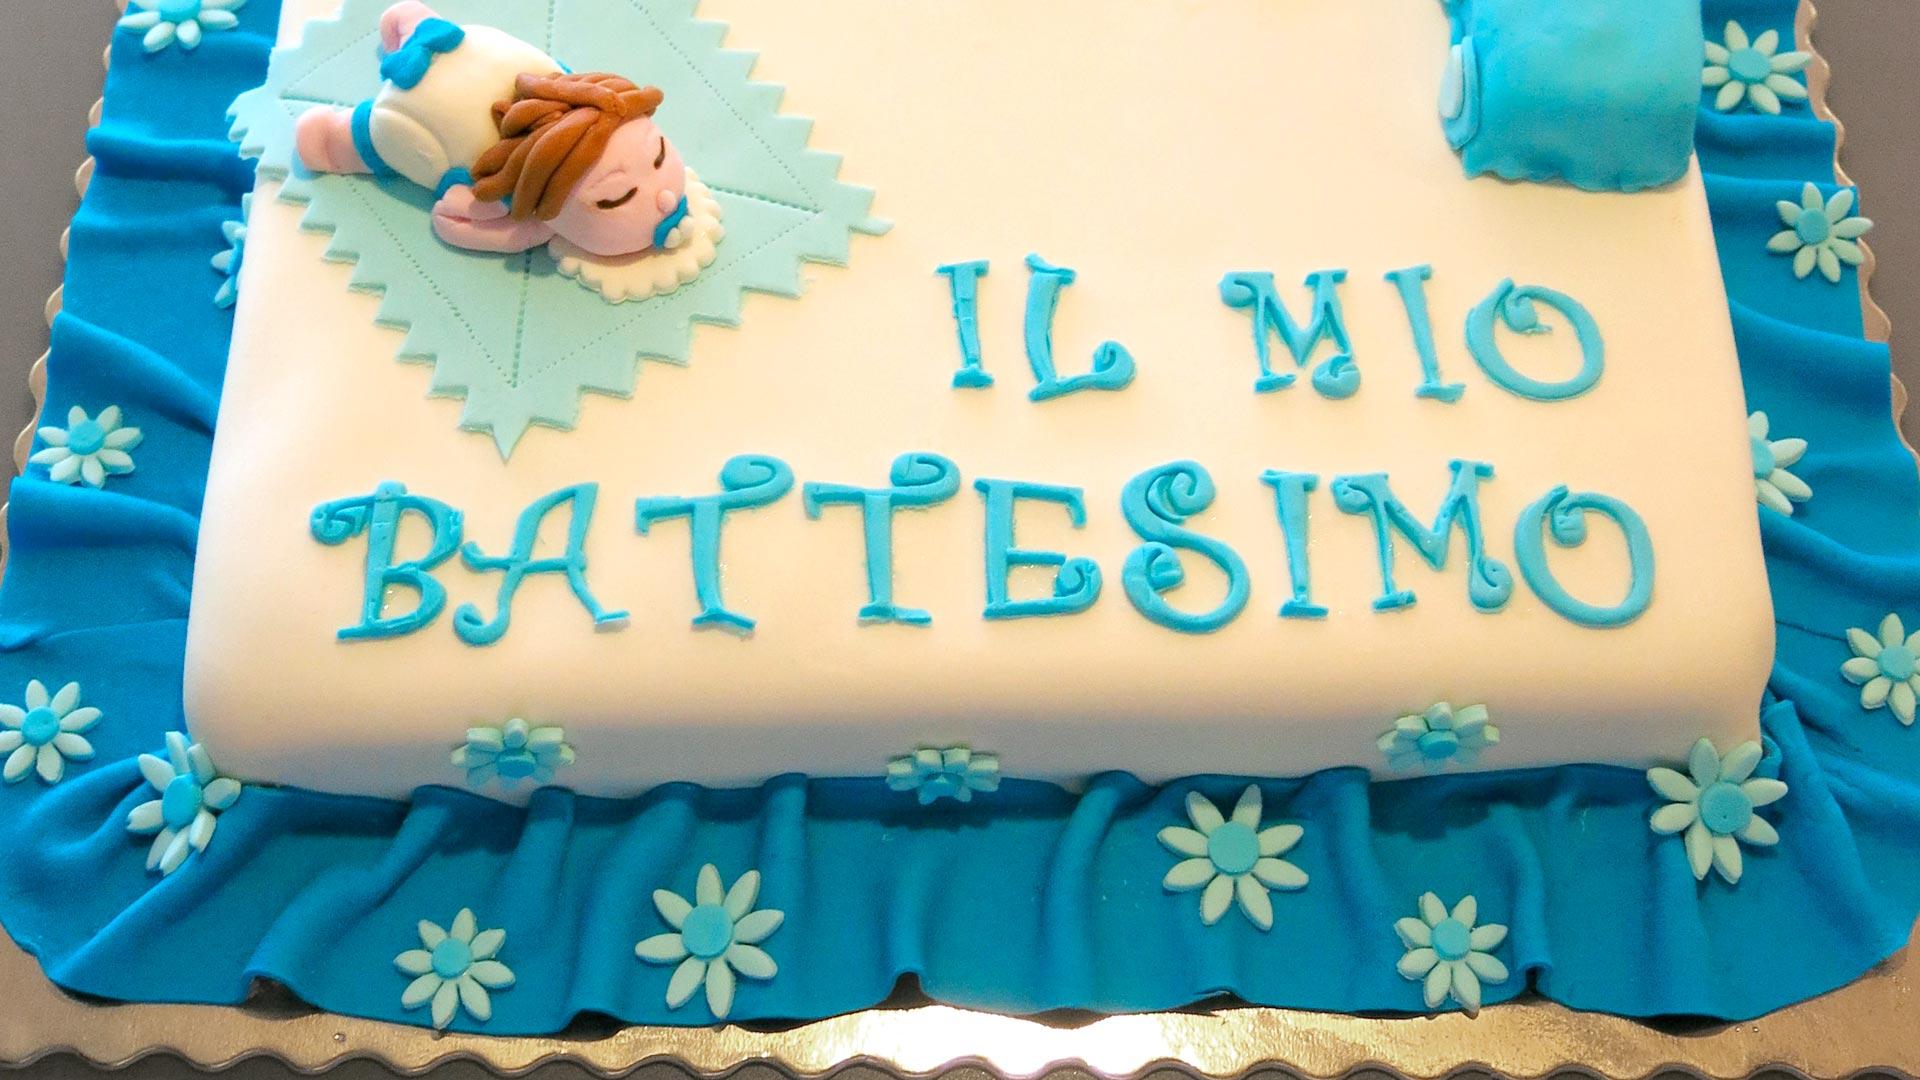 Conosciuto Torte per battesimo: idee con panna e pasta di zucchero (con foto) PU71